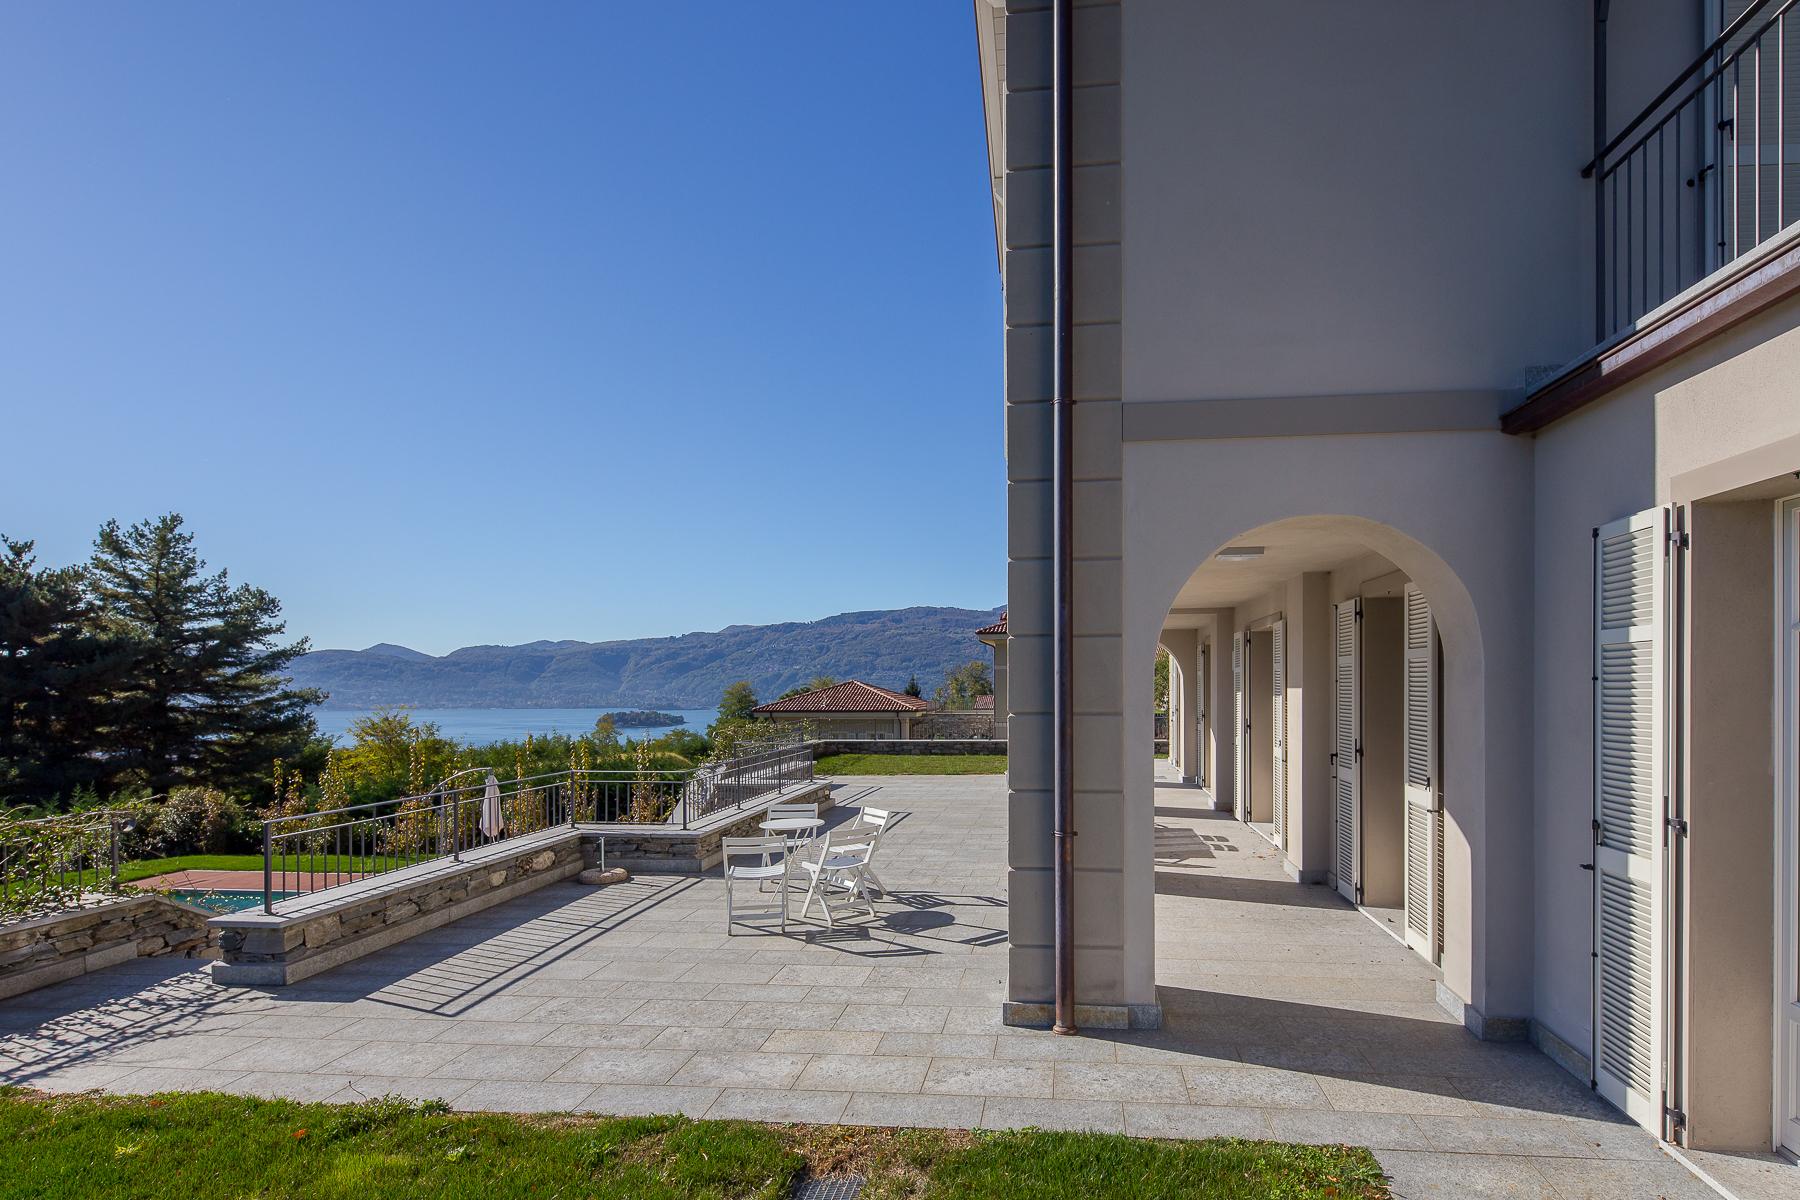 Villa in Vendita a Verbania: 5 locali, 419 mq - Foto 2